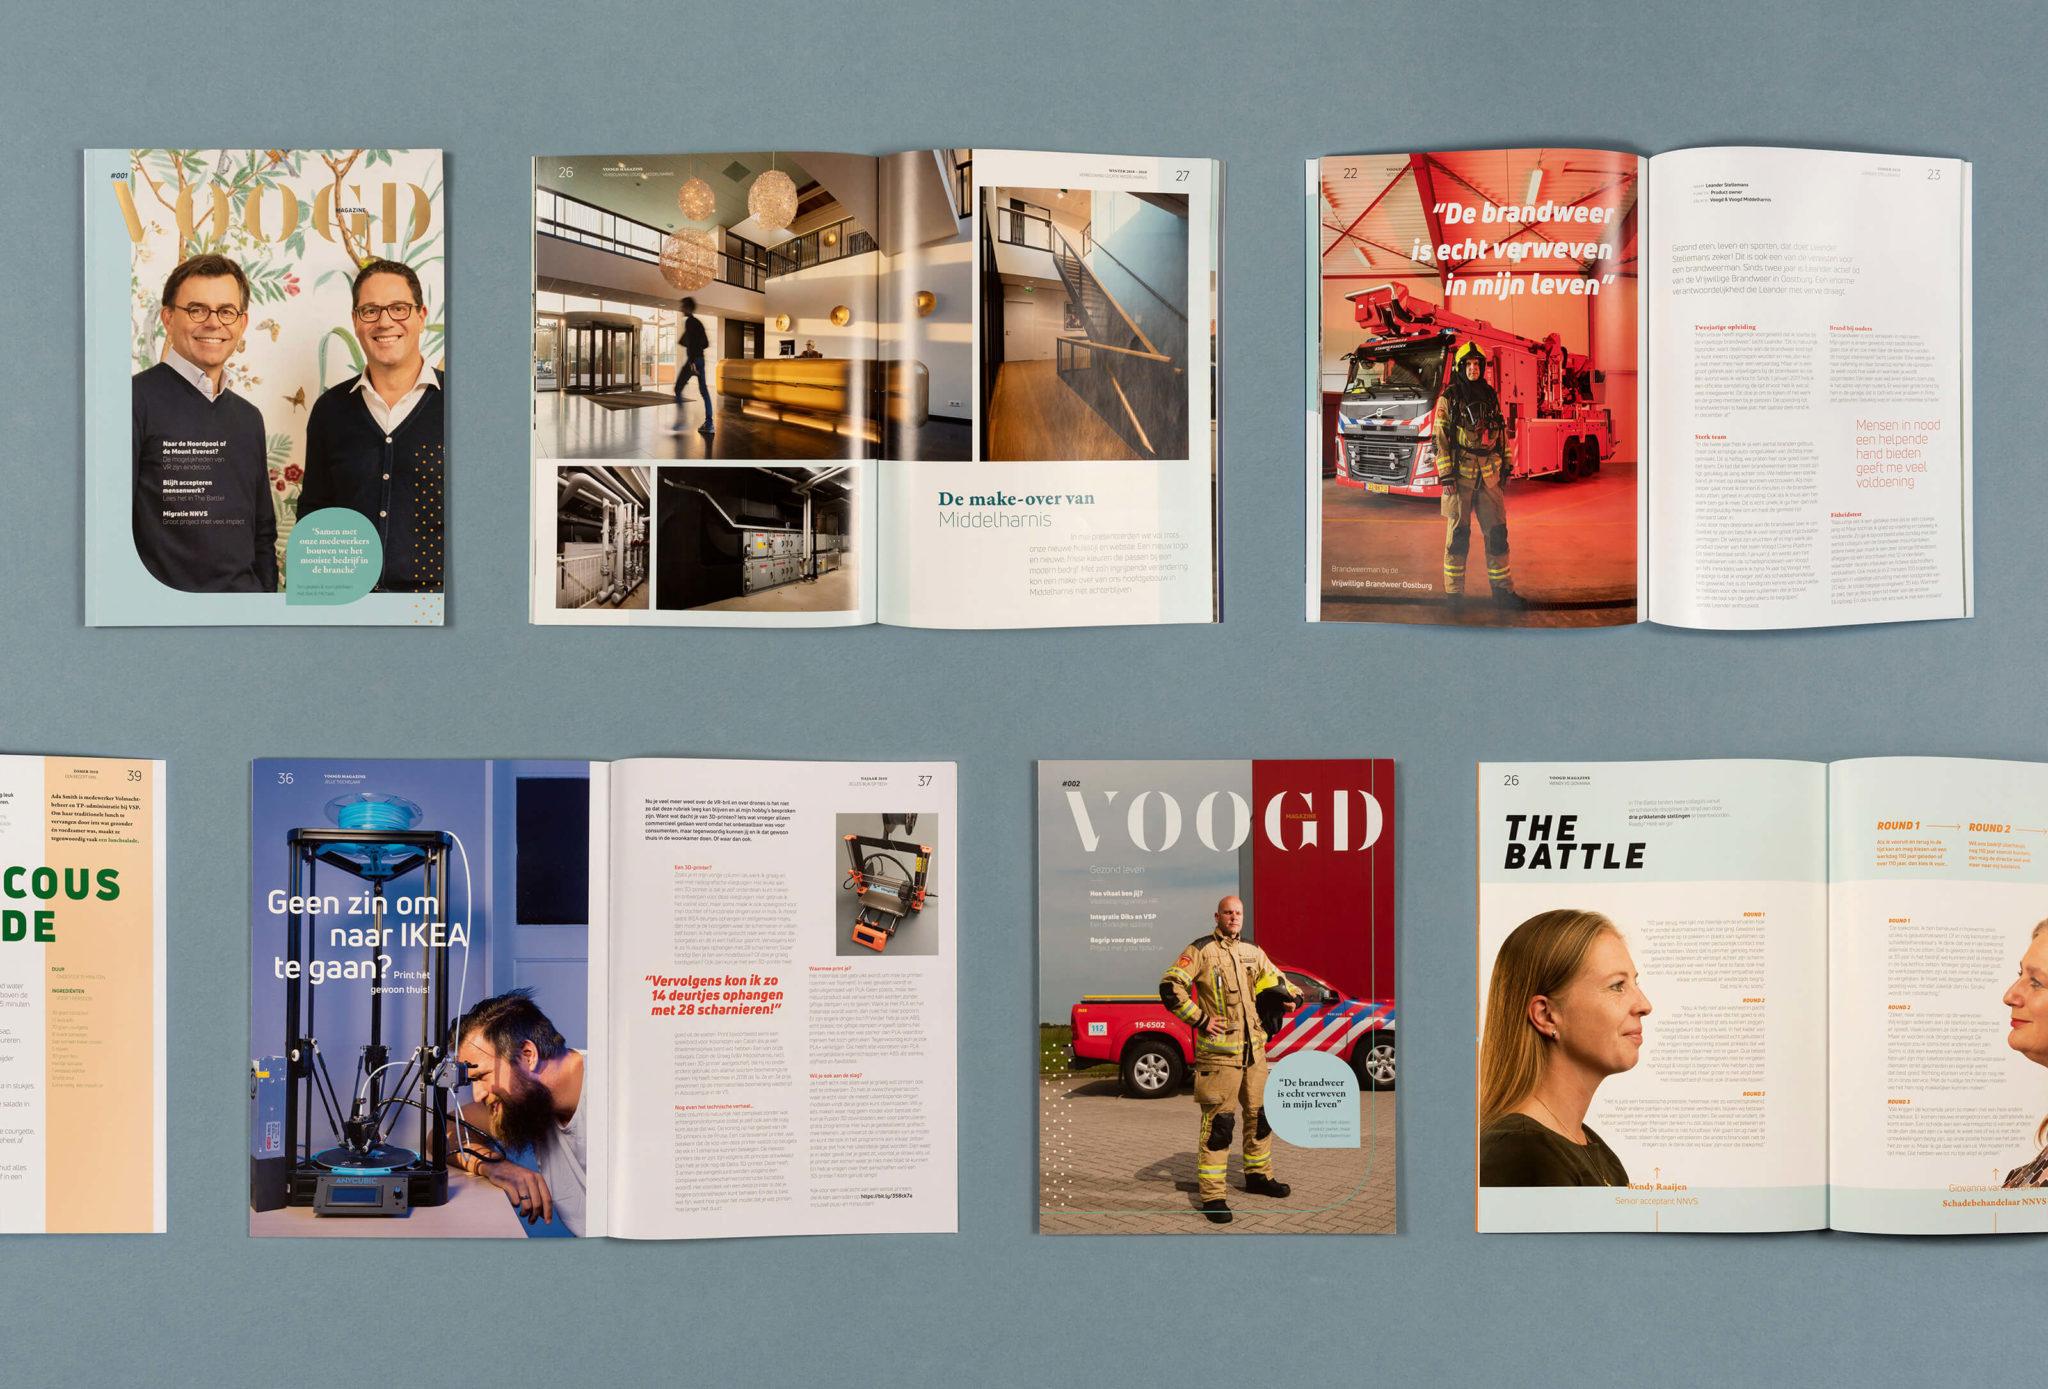 Voogd magazine speads